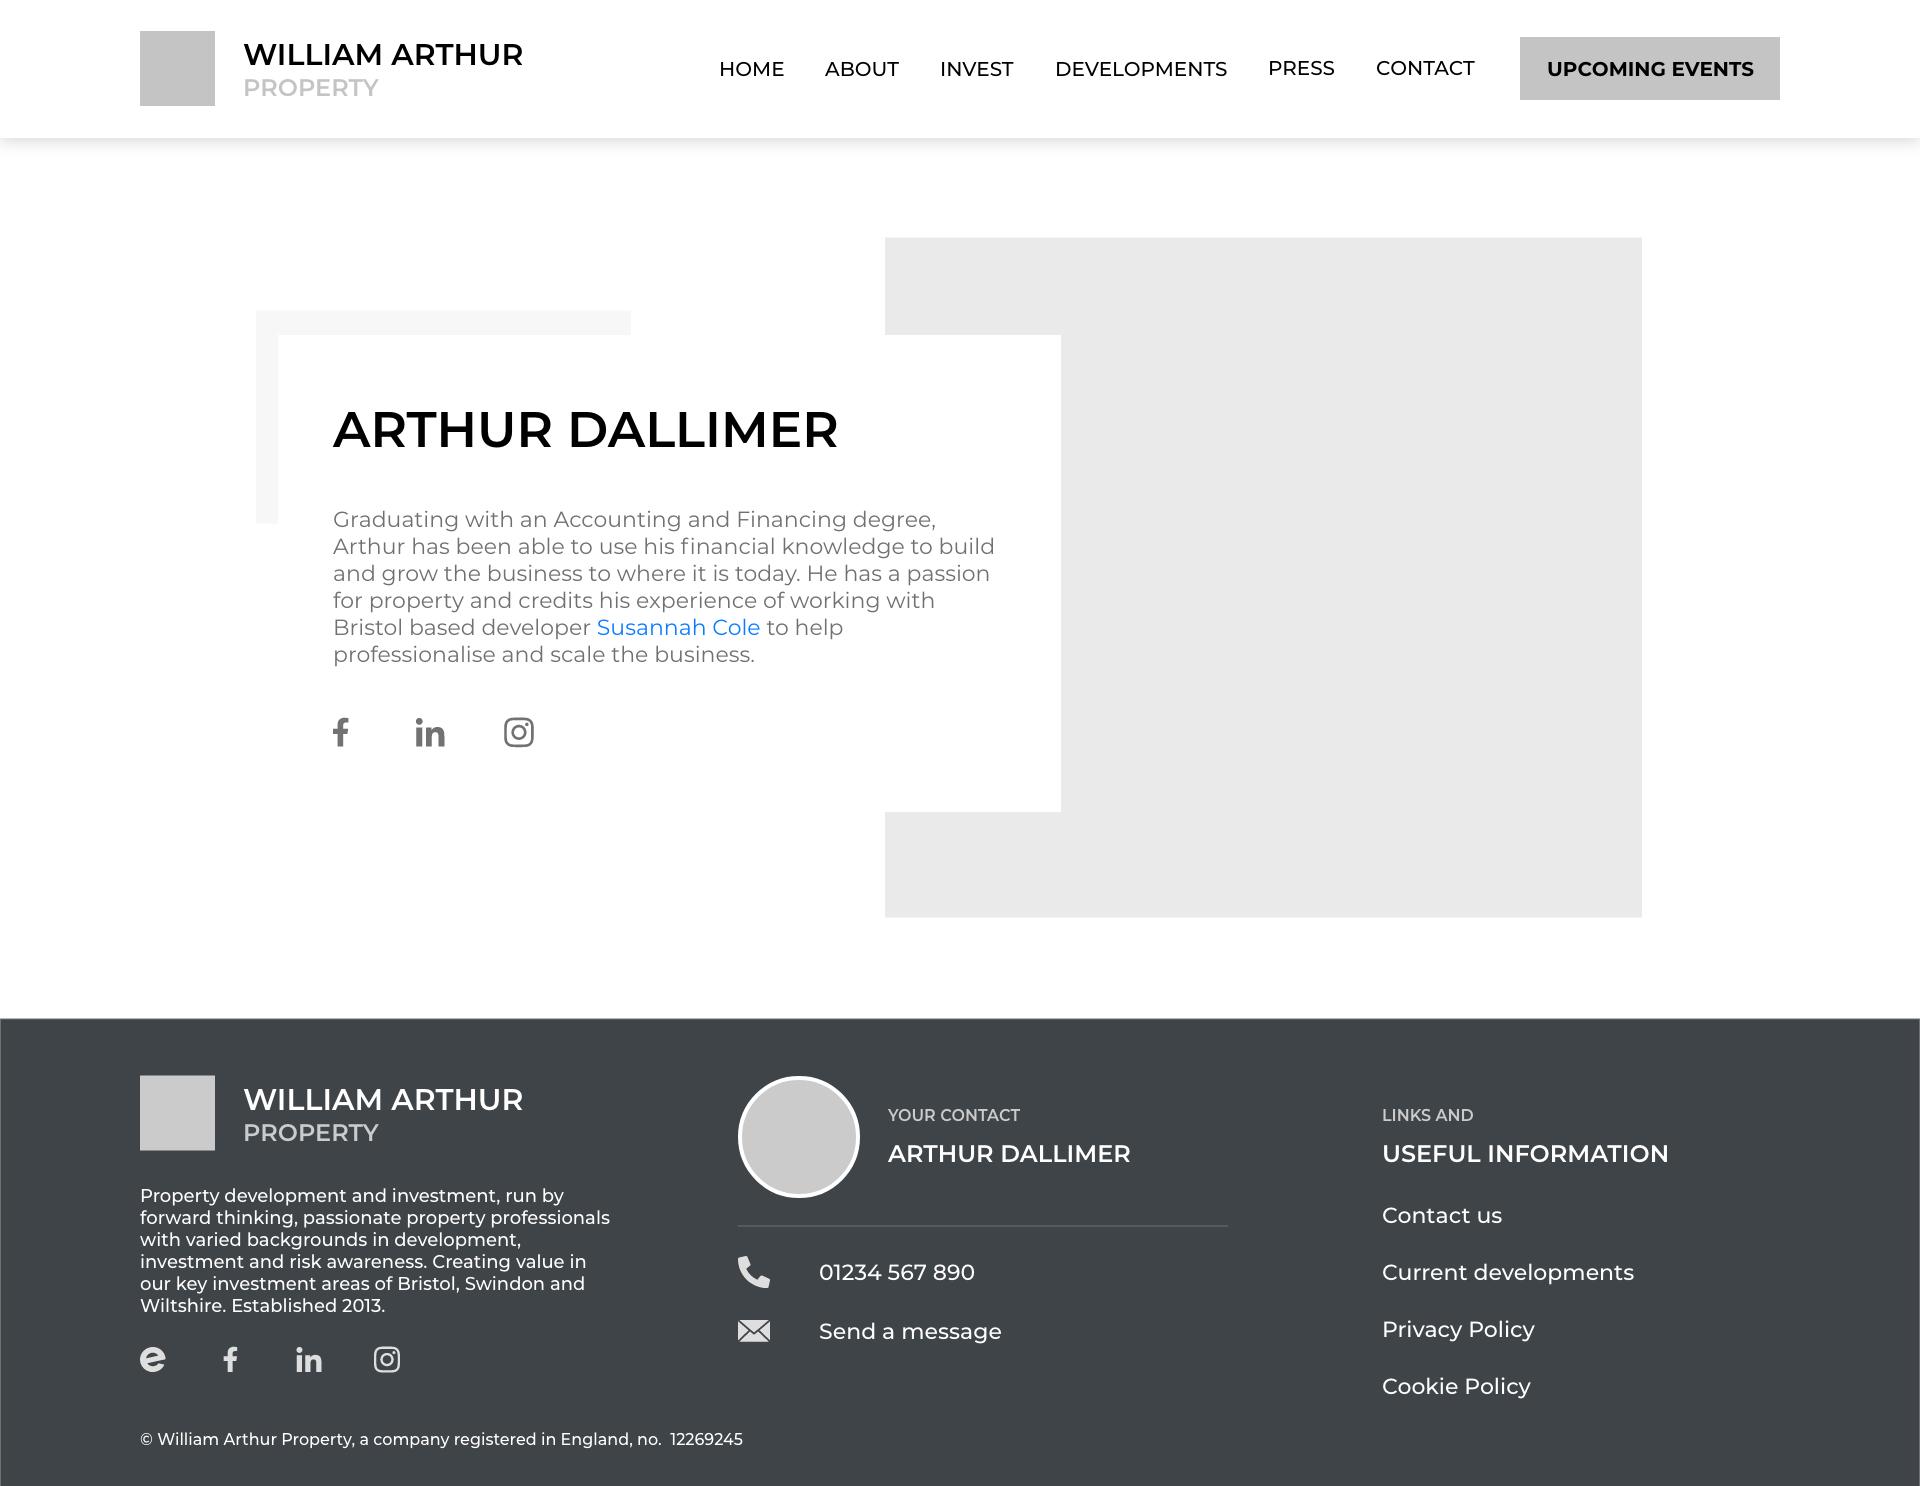 William Arthur - 111 - Team Member